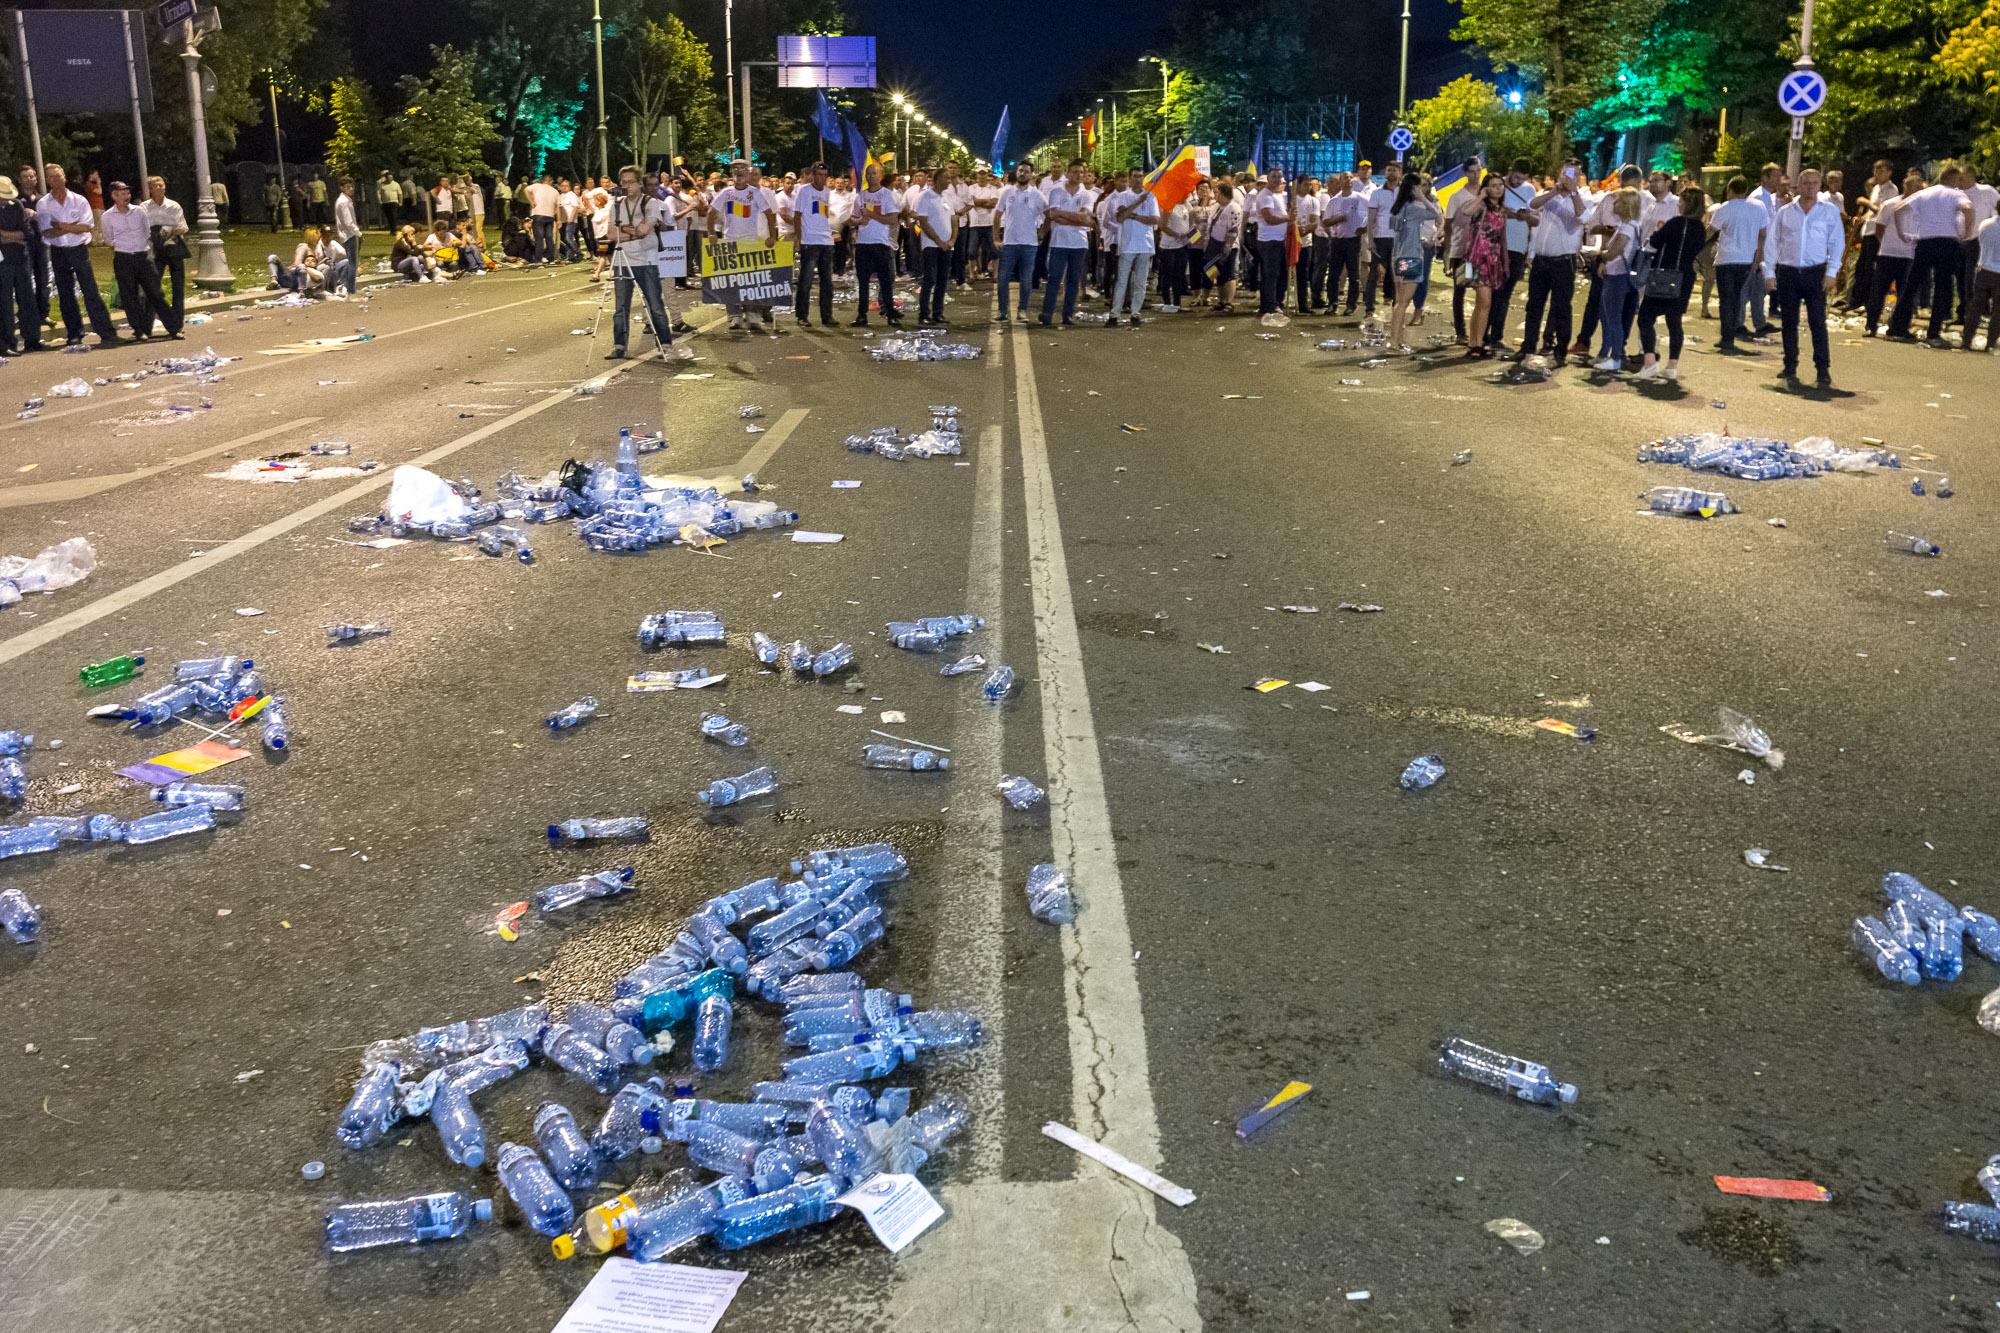 Dragnea - Cine va pierde de pe urma mitingului PSD-ALDE - Pagina 2 1528628135456-Miting-PSD-mizeria-din-urma-12